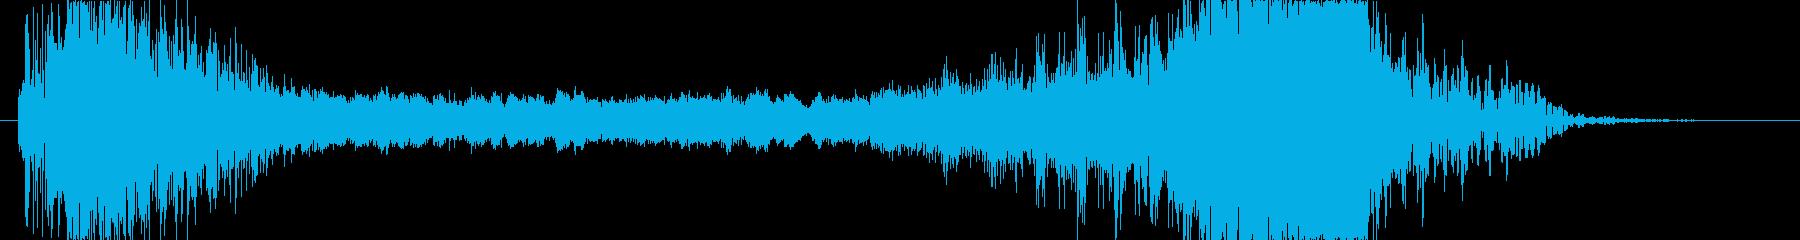 トランジション プロモーションパッド79の再生済みの波形